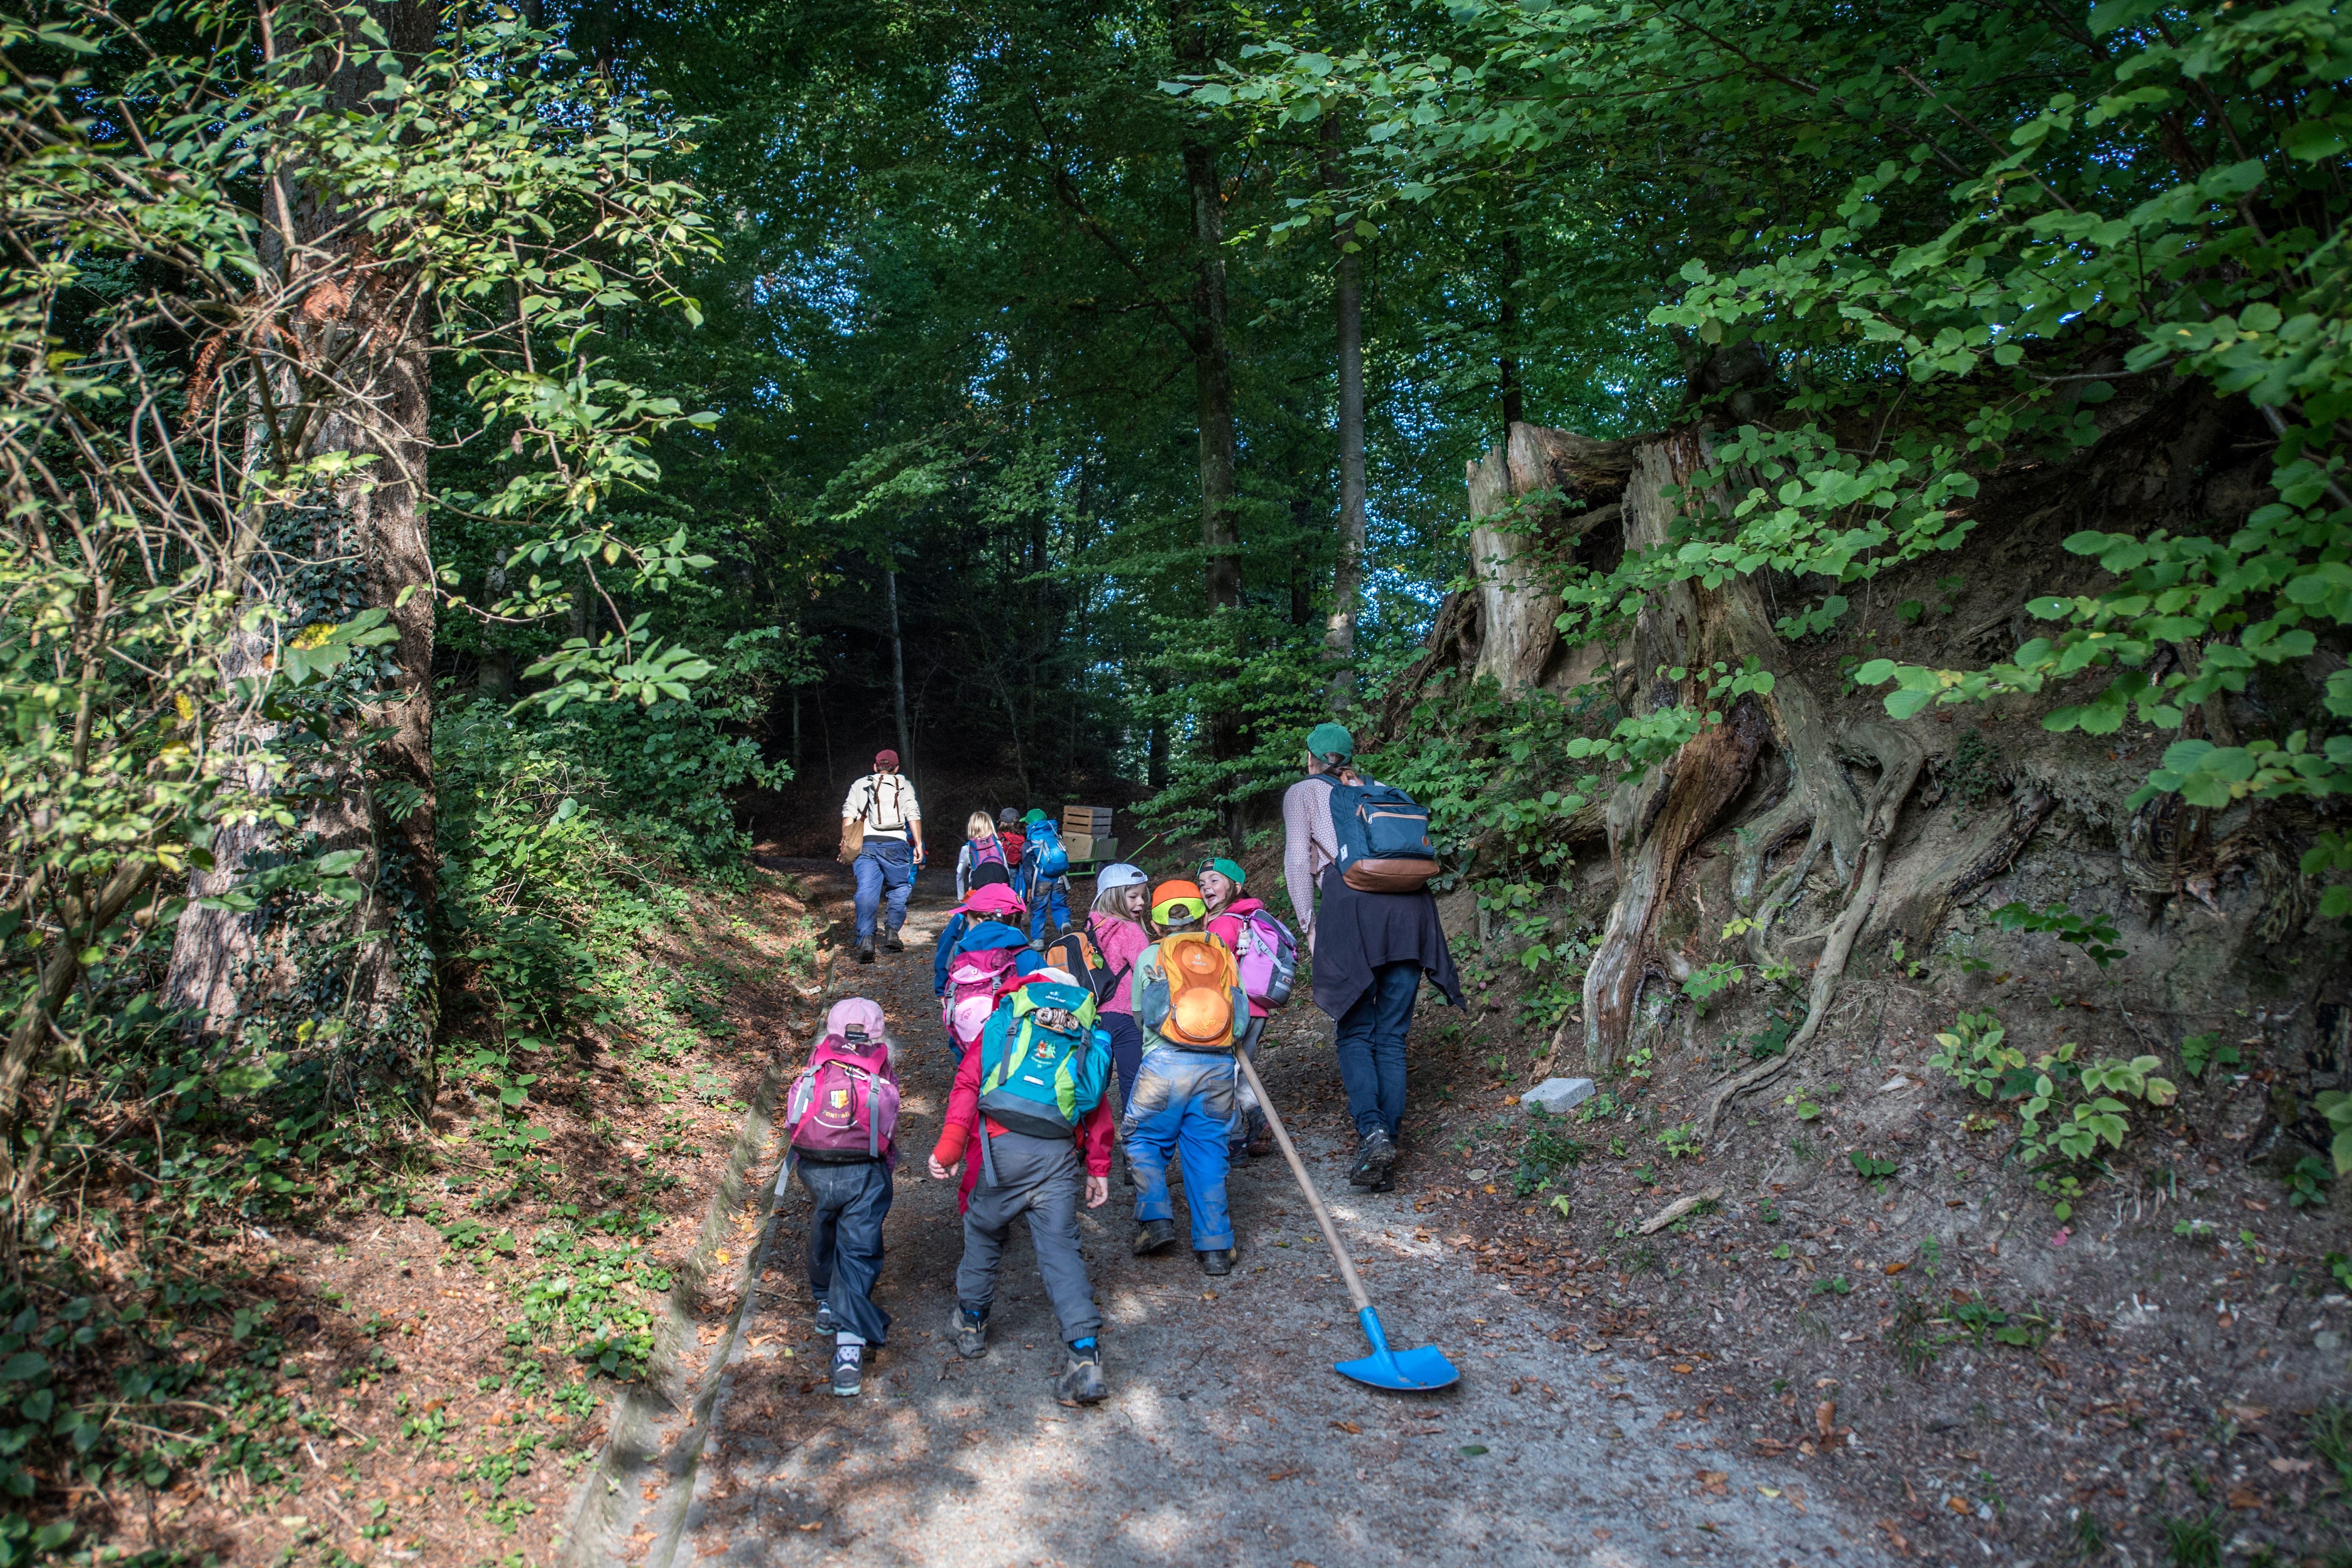 Hier können sich die Kinder entscheiden, ob sie den steinigen, steilen Weg oder den gewöhnlichen Wanderweg nehmen möchten. (Bild: Pius Amrein, Rothenburg, 19. September 2018)